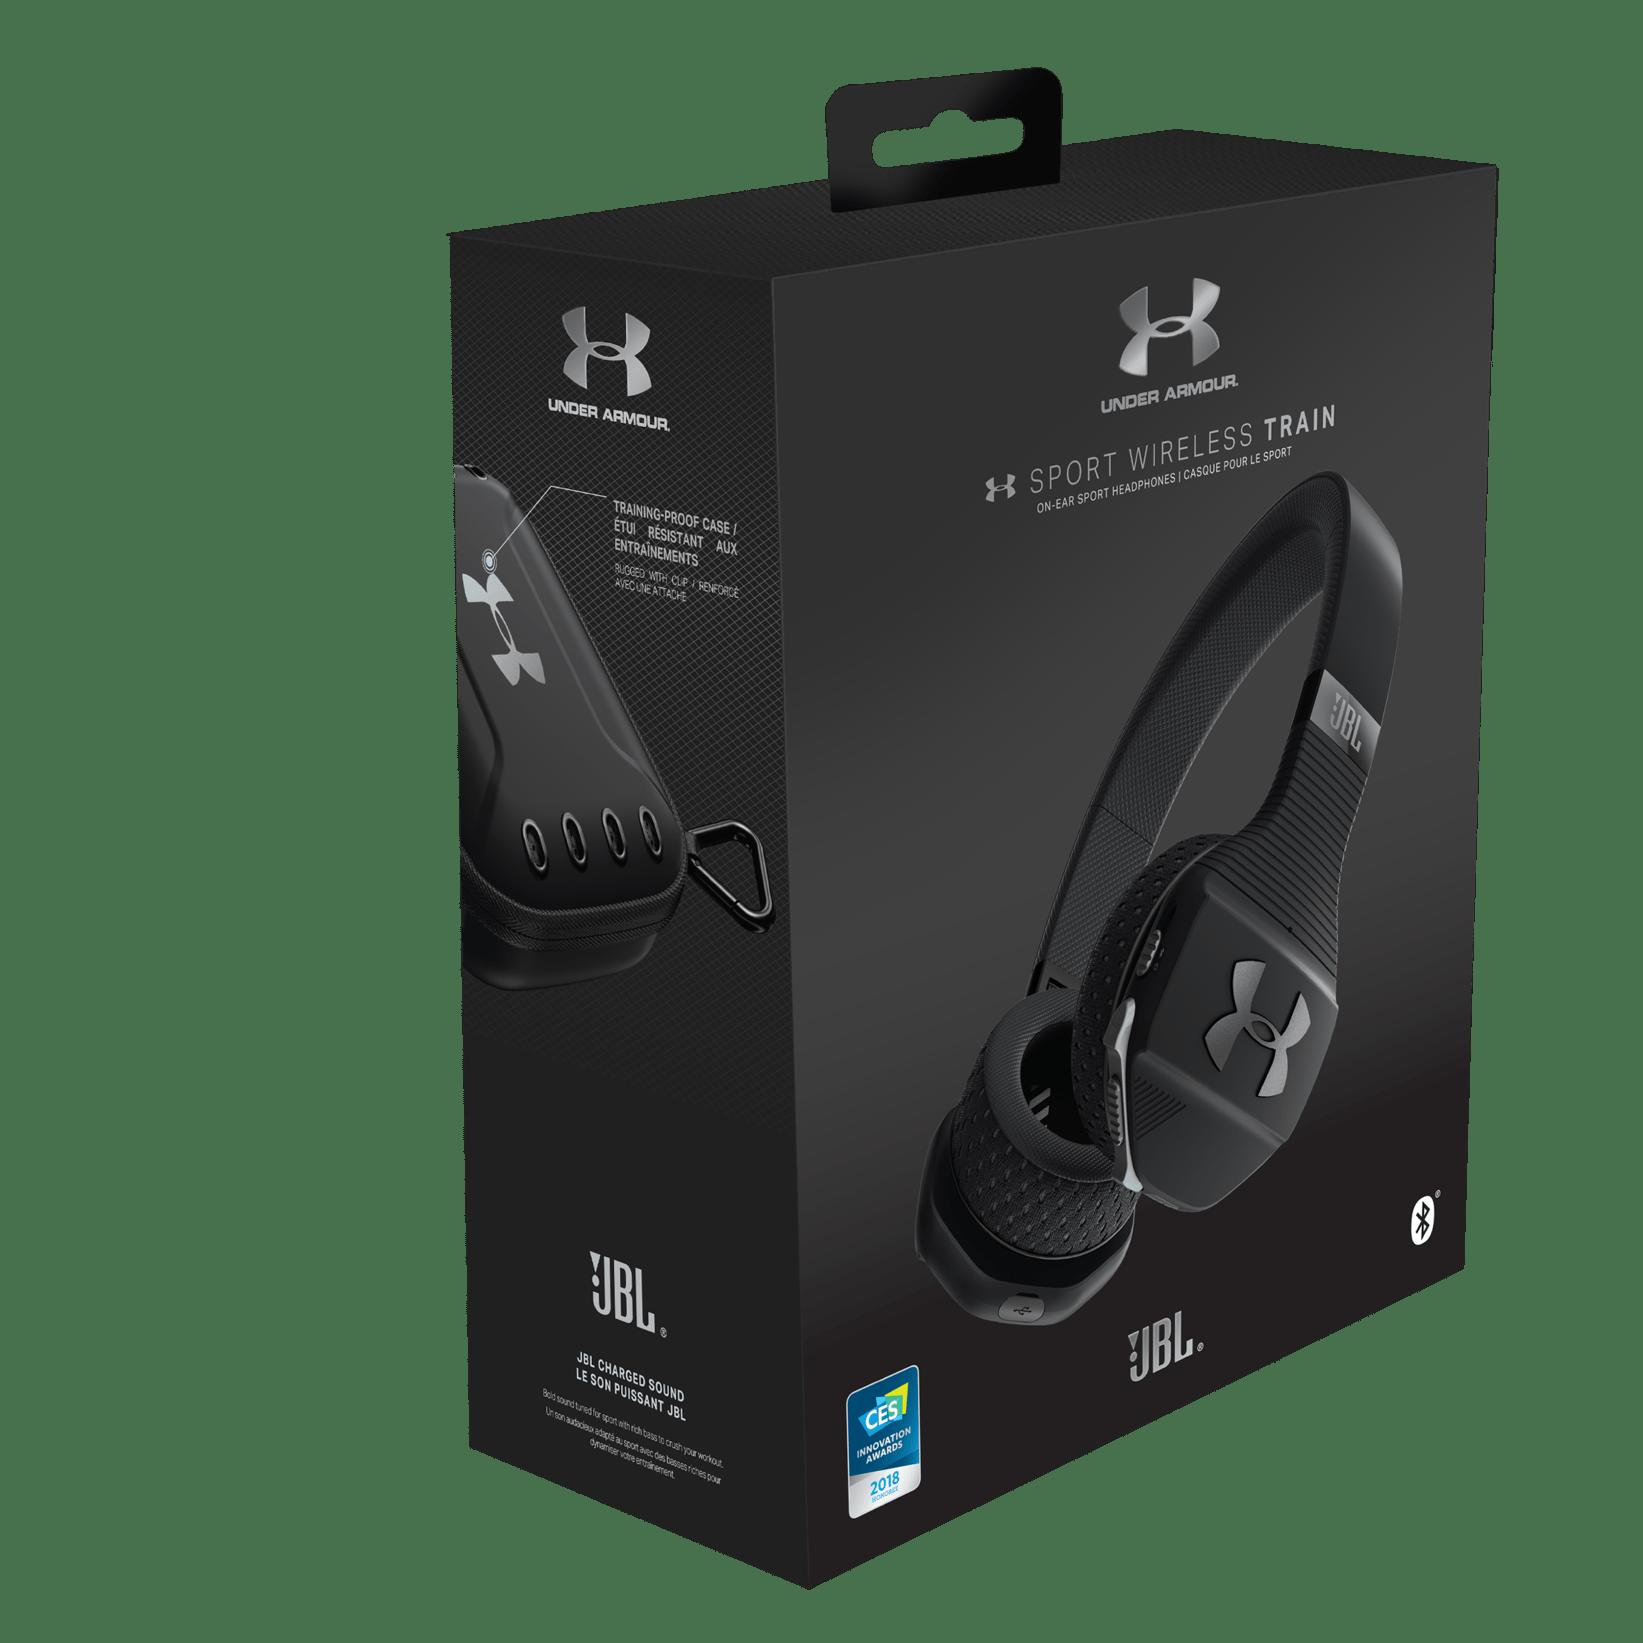 Jbl Ua Sport Wireless Train Headphones Weartesters Headset Jbll